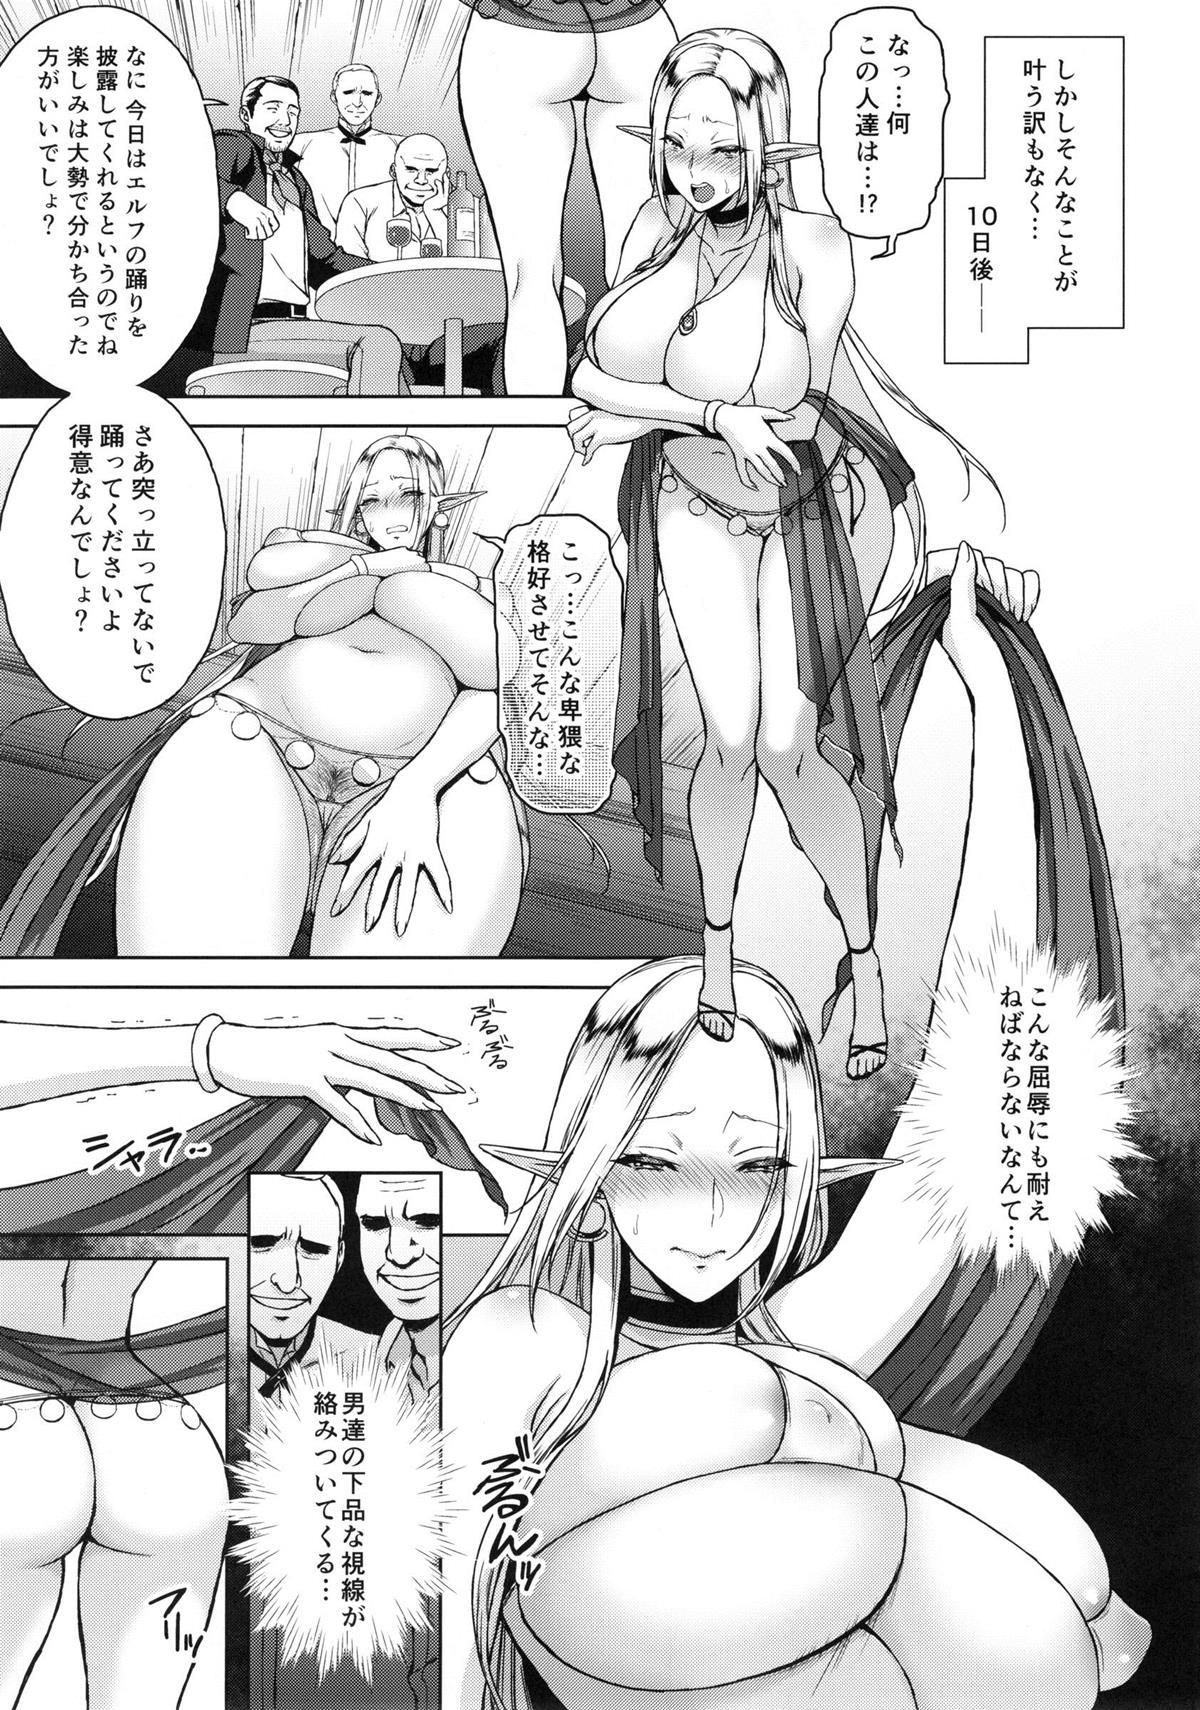 【エロ漫画】我が子を守るために、人間に体を差し出すエルフの巨乳人妻www【無料 エロ同人誌】 (16)